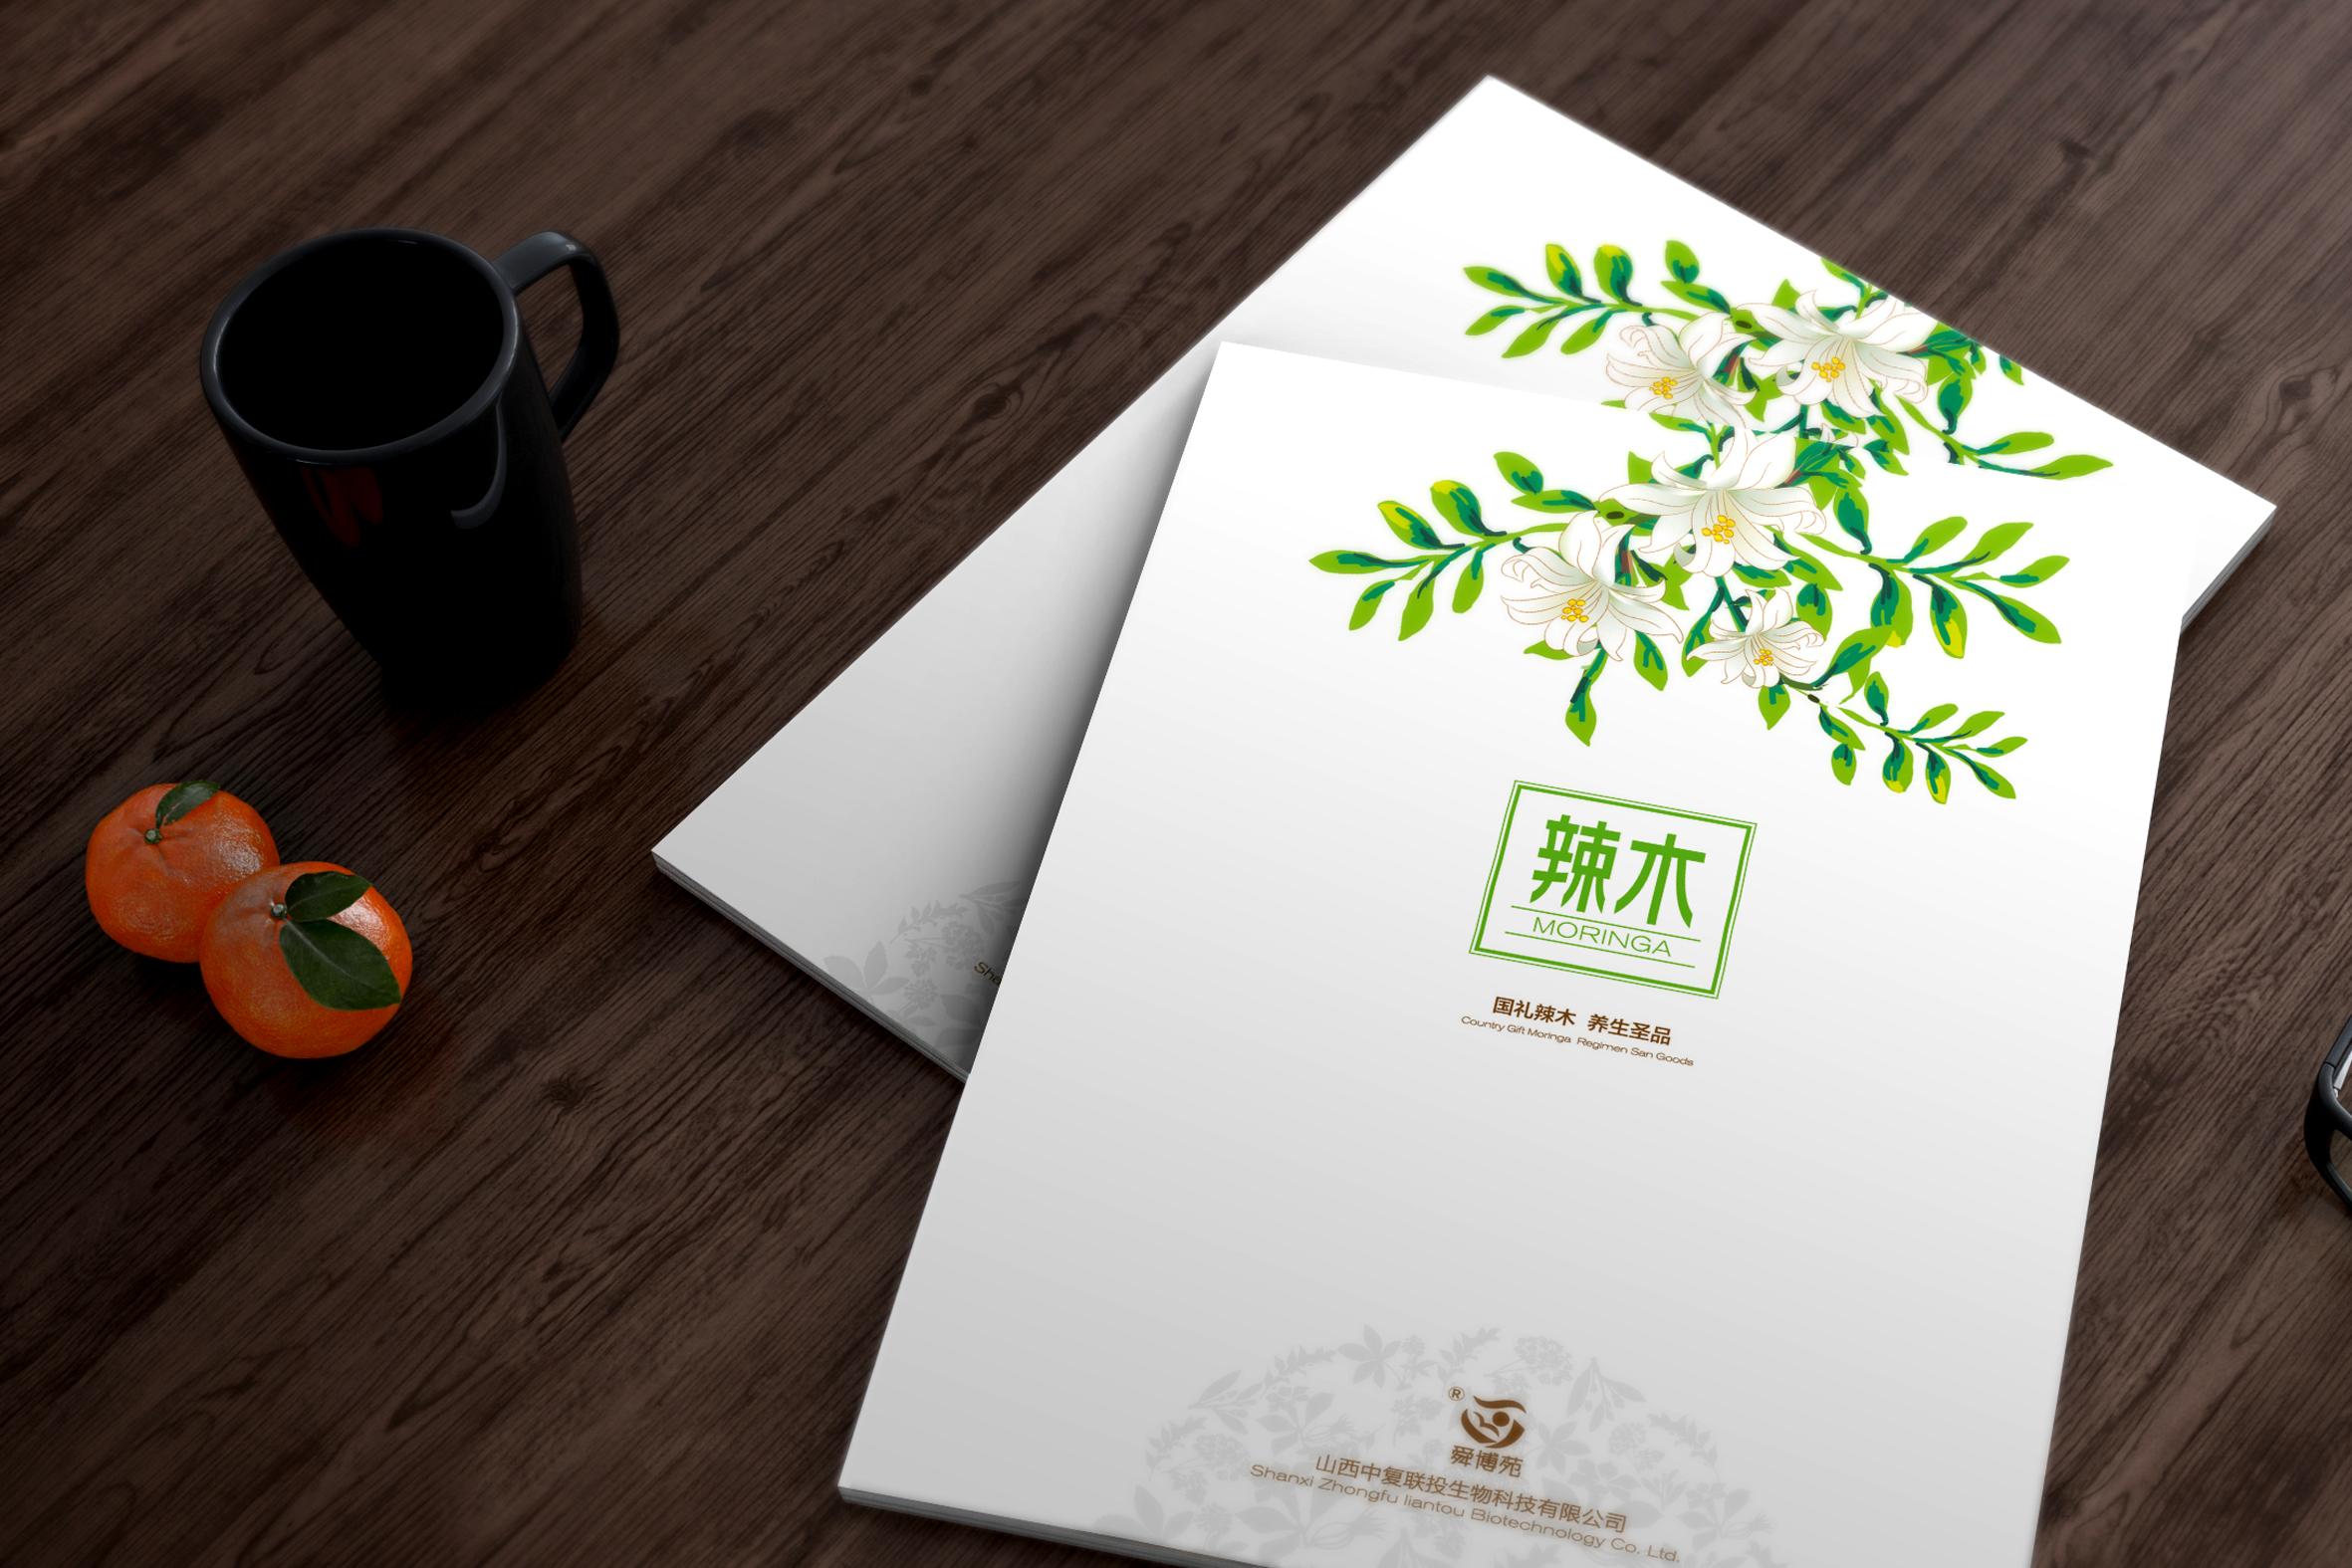 北京中复联投生物科技有限公司产品画册设计